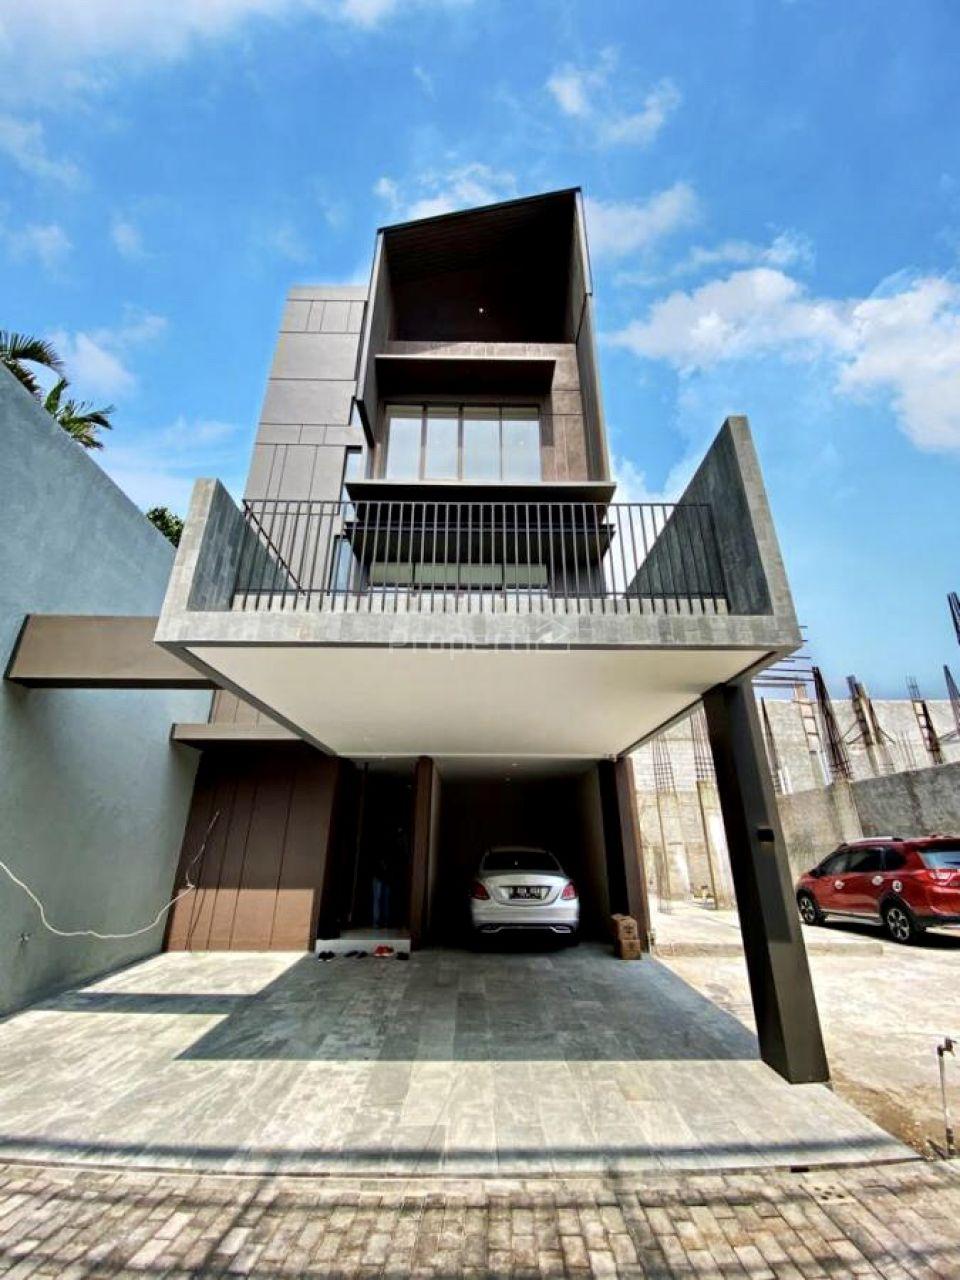 Rumah Townhouse Baru di Kemang, Jakarta Selatan, DKI Jakarta